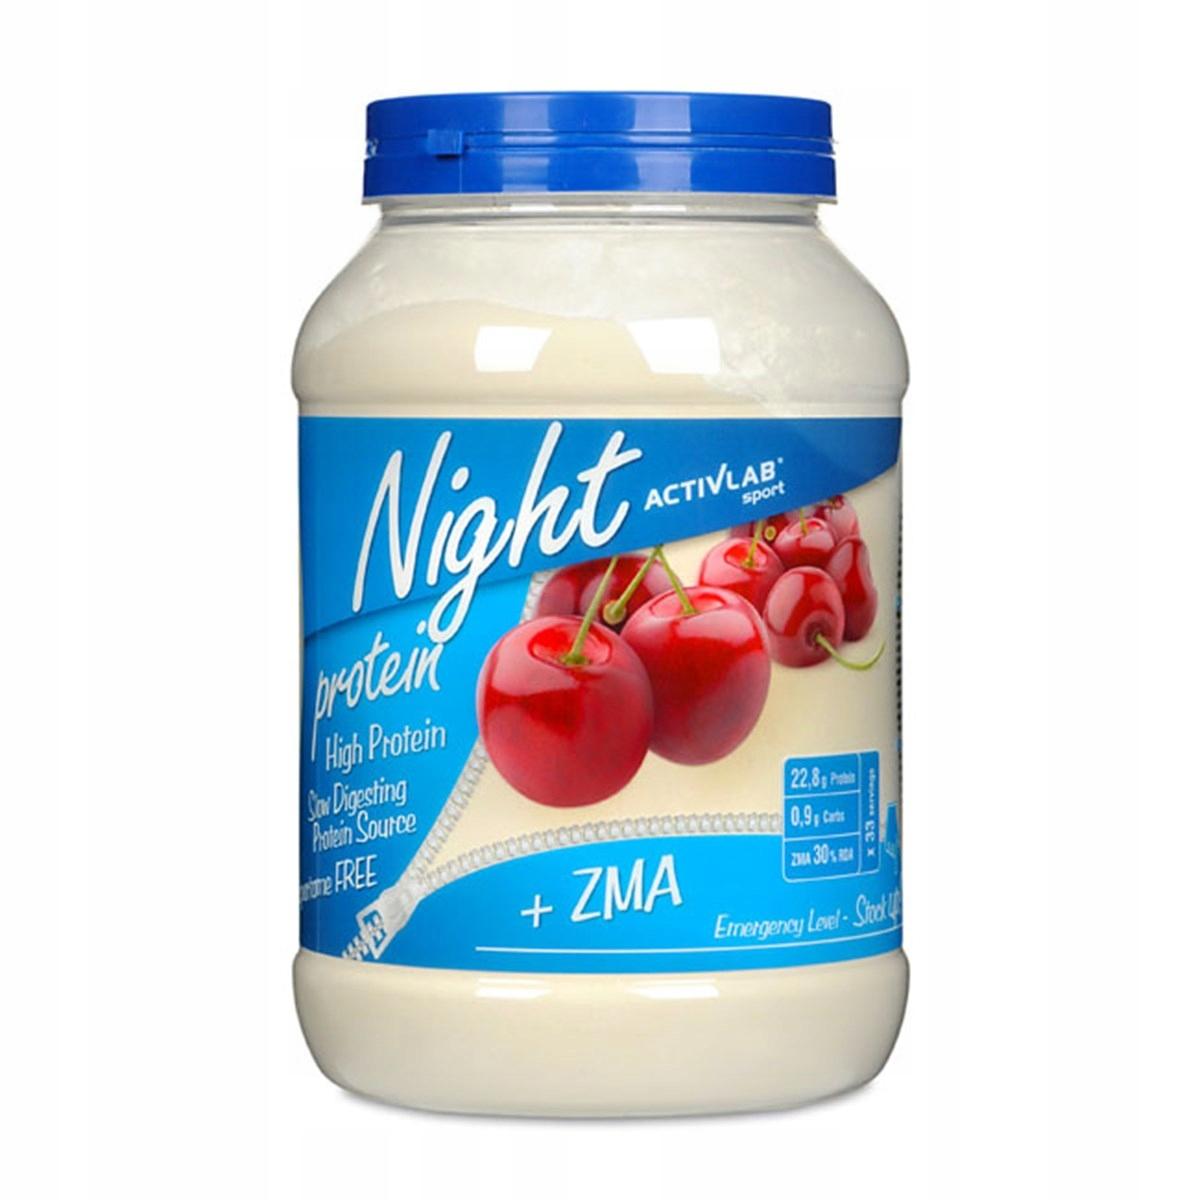 Activlab Night Protein ZMA 1000g / nut Activlab